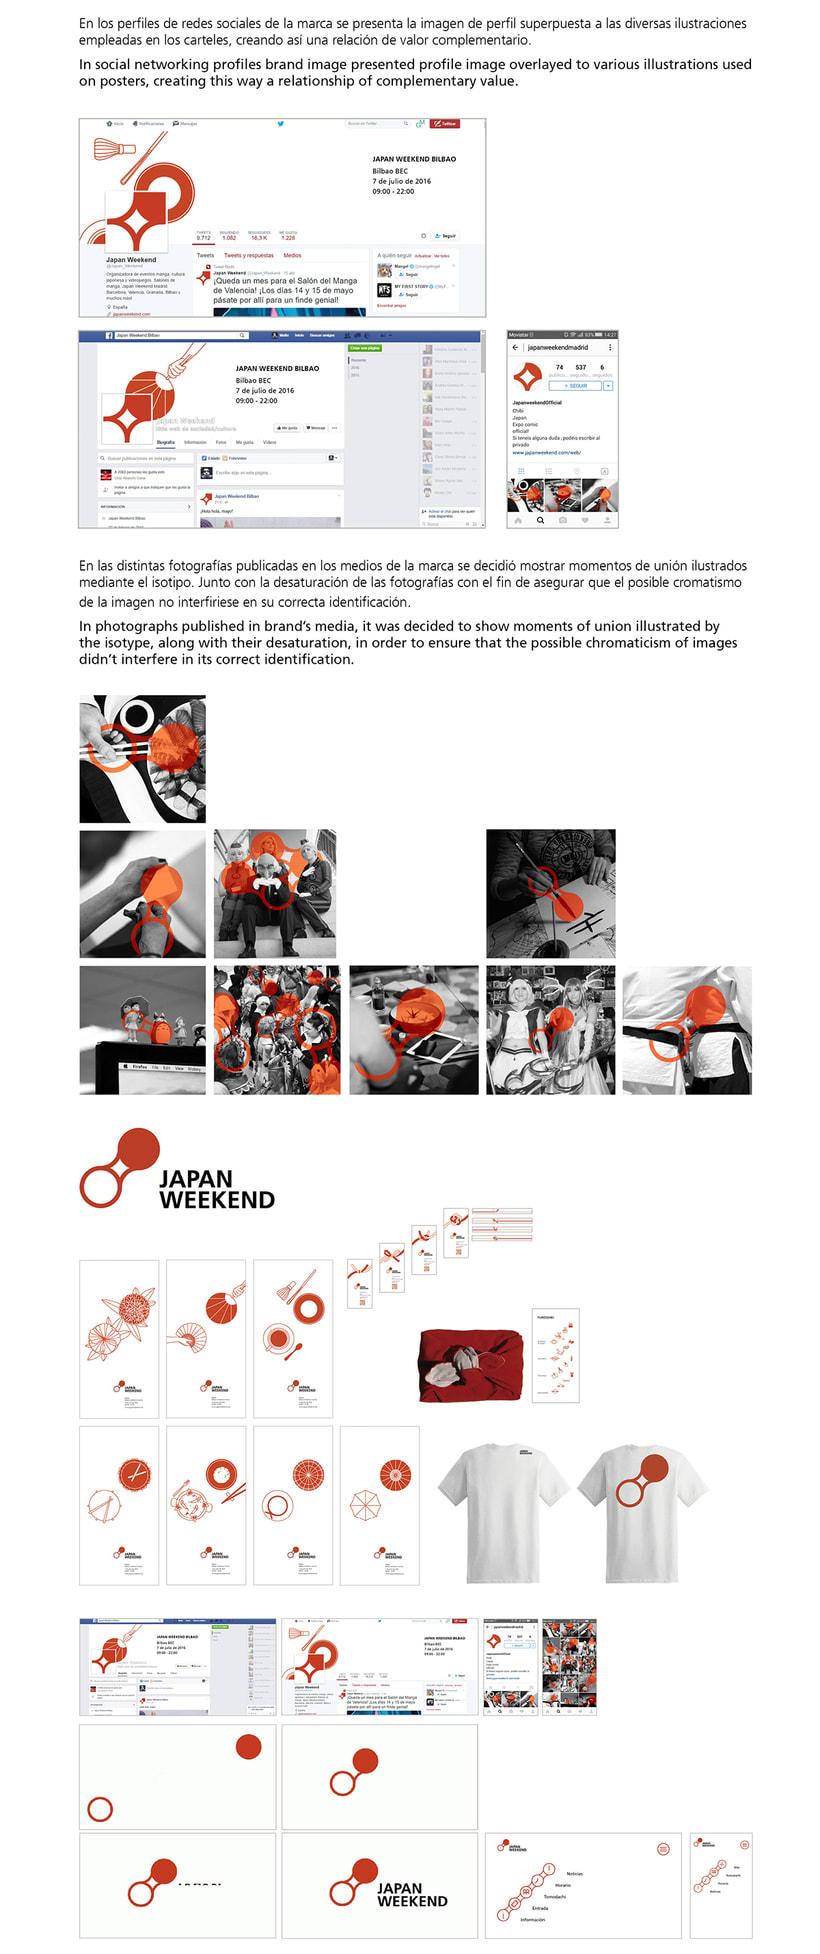 Japan Weekend 15